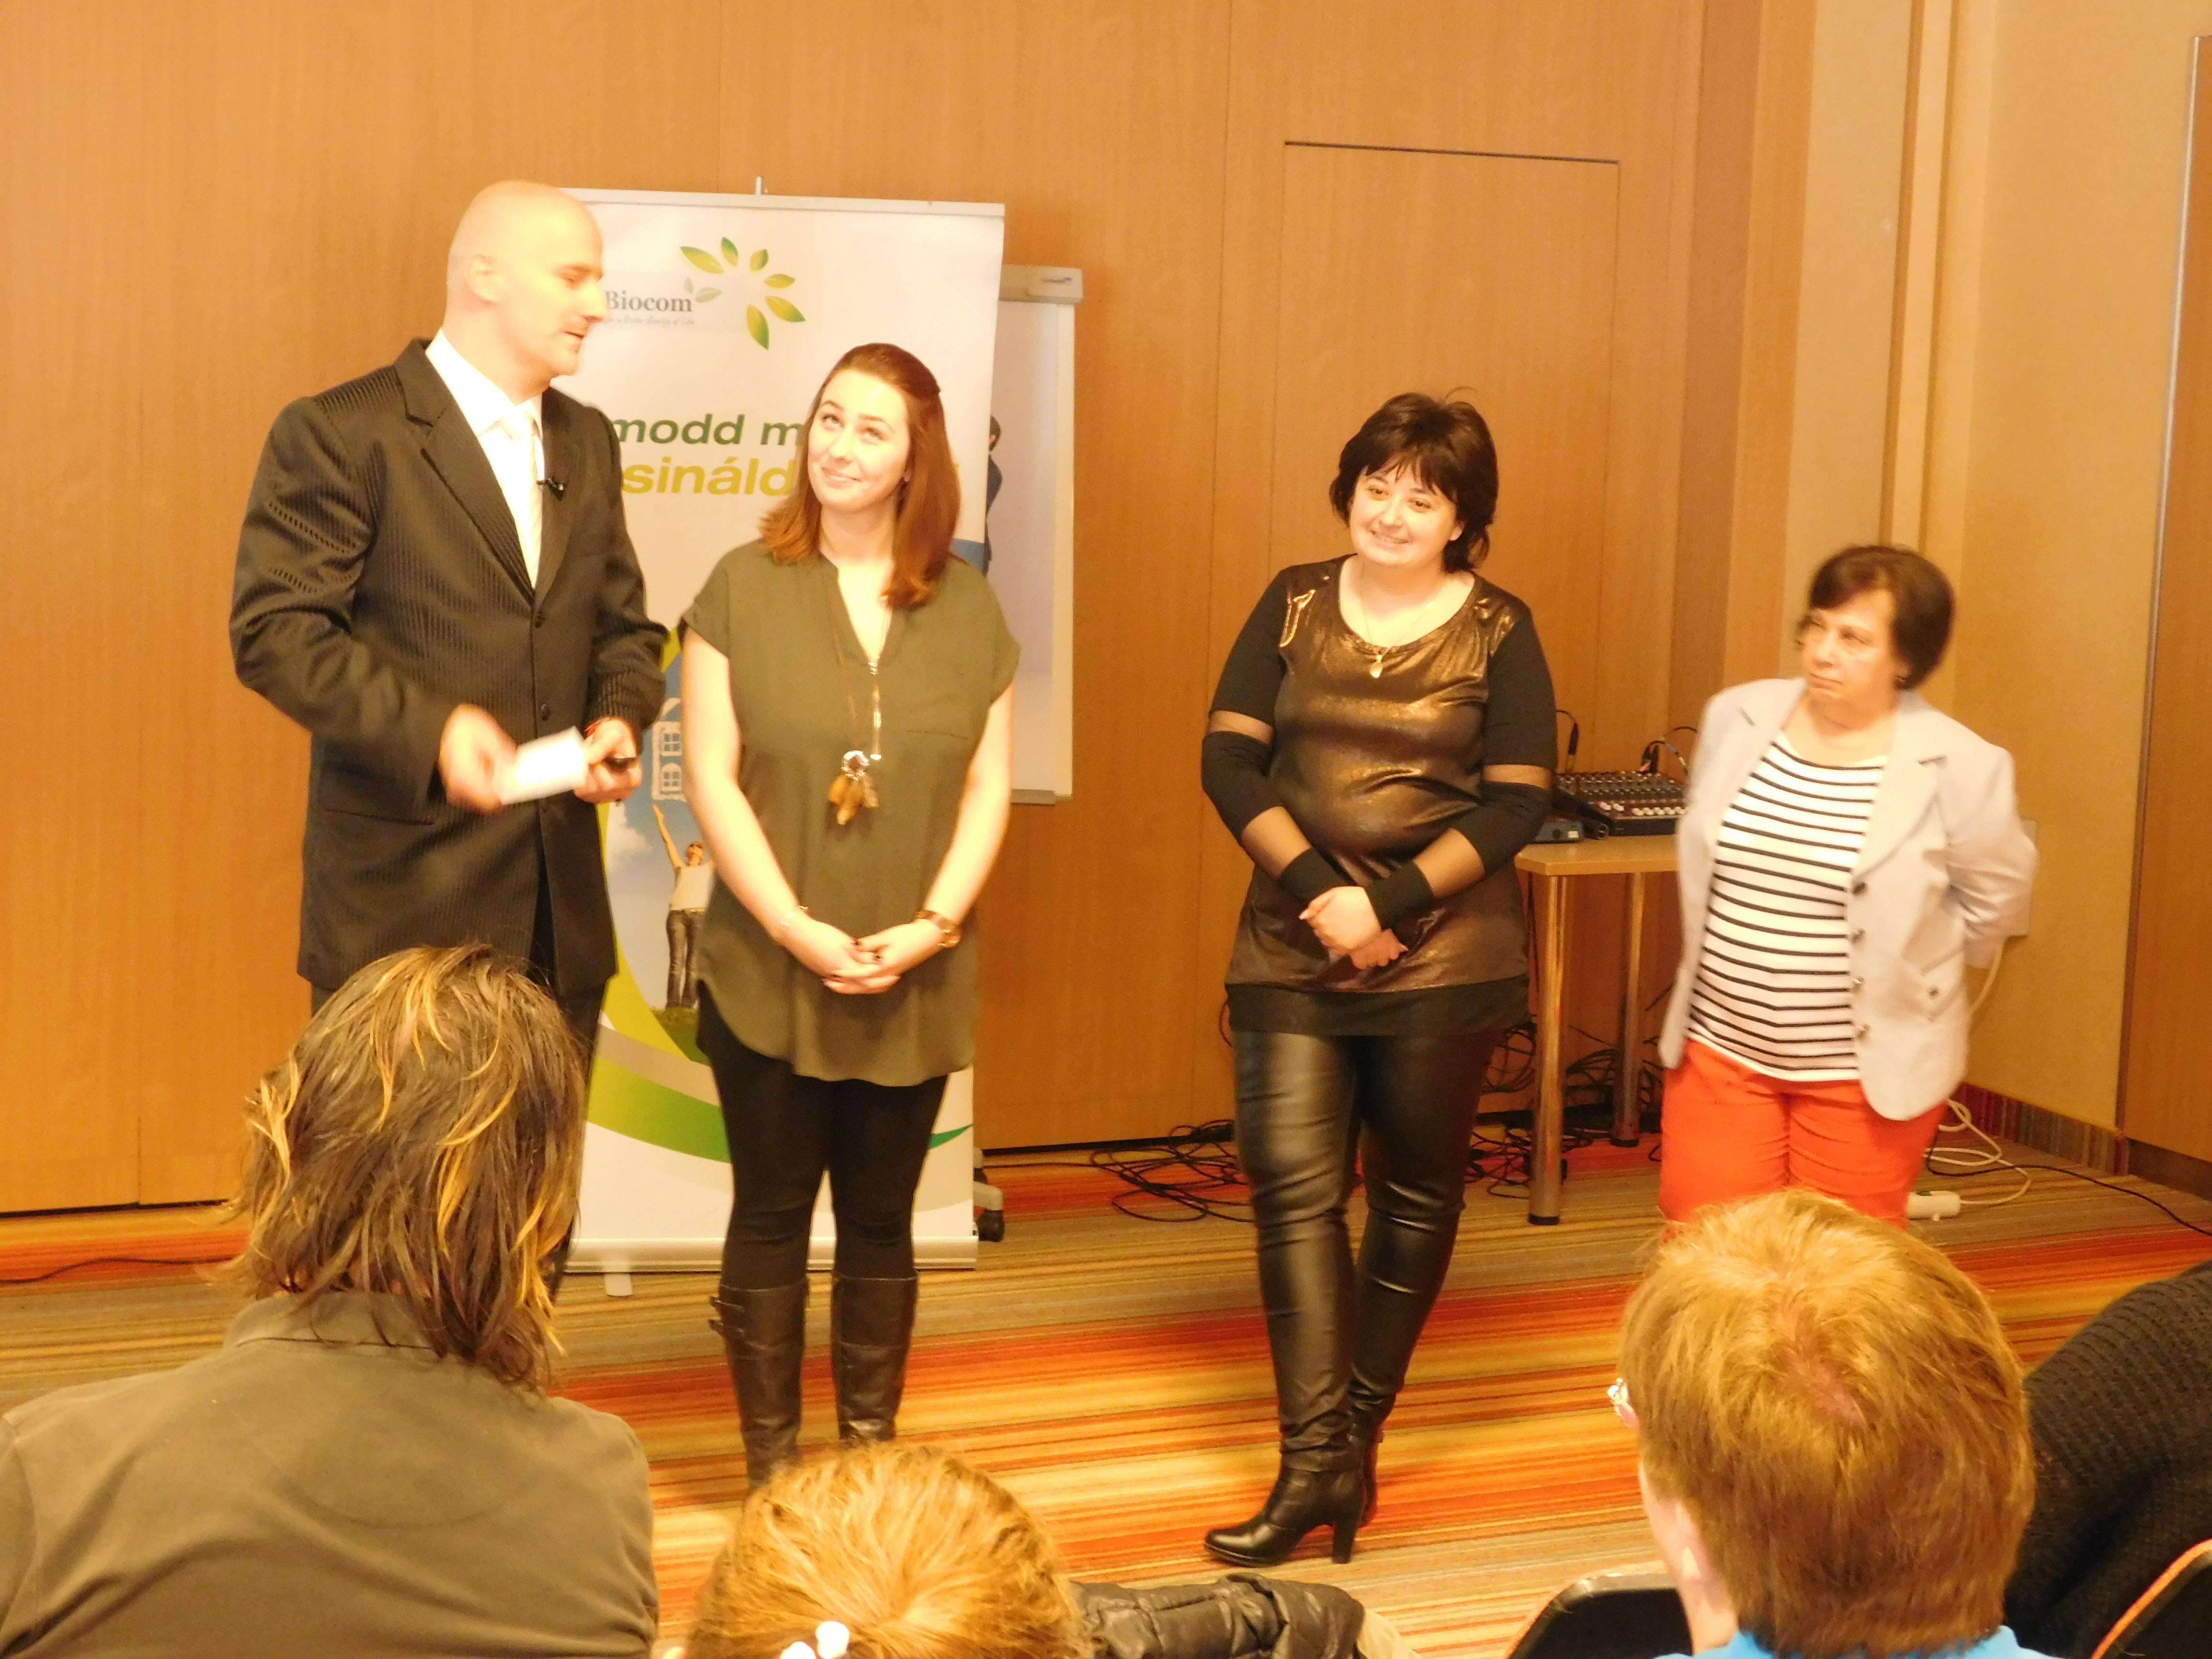 Hogyan lehet megcsinálni egy hónap alatt a hármas szintet? Dankó János (balra) konferálásában friss példákon keresztül ez is elhangzott.